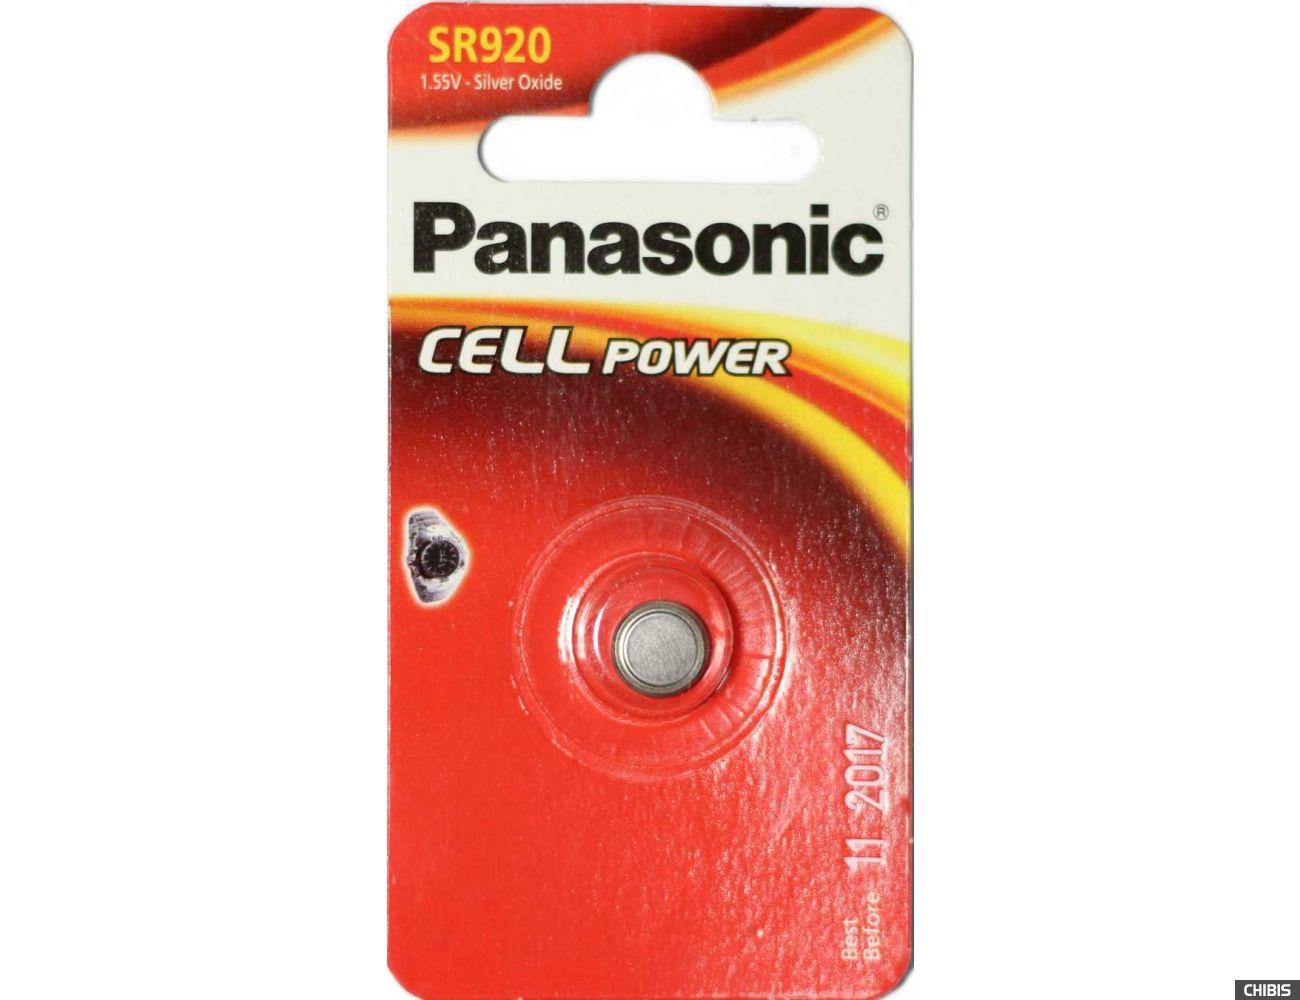 Батарейка Panasonic SR920 / 370 / 371 / SR69 / AG6 / LR920 / RW415 / SR920W / SR920SW блистер 1 шт